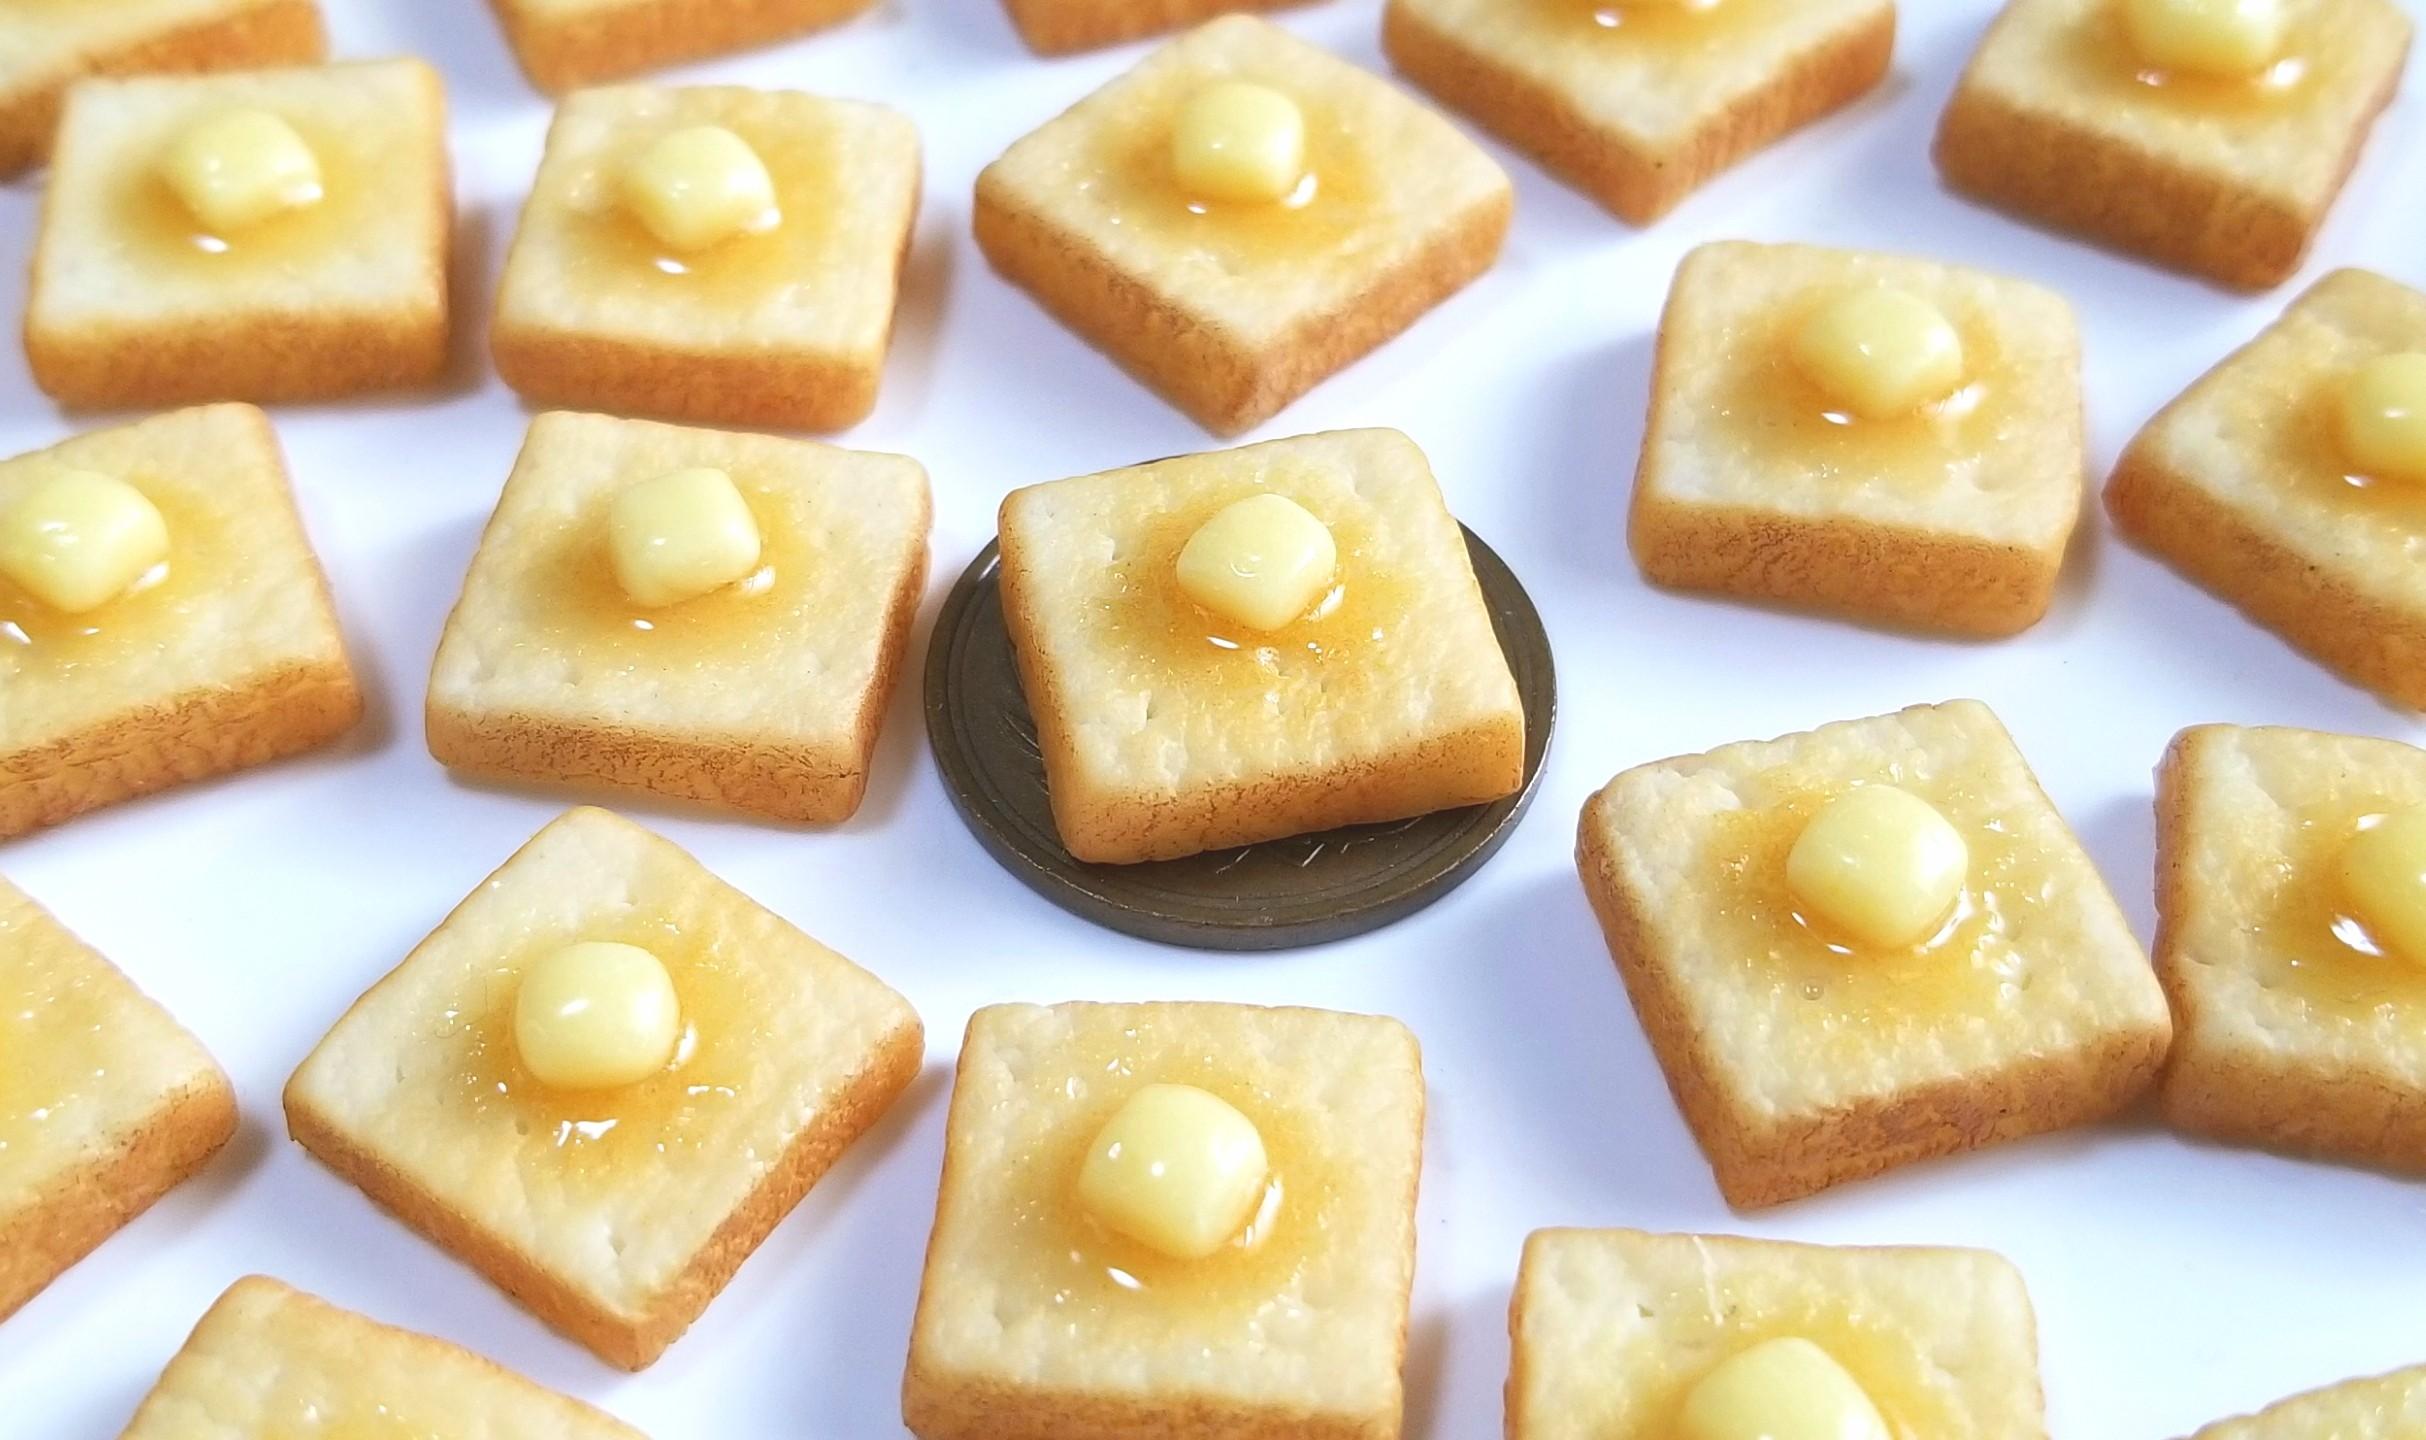 ミニチュアフード,食パン,バタートースト,樹脂粘土,オビツろいど,11